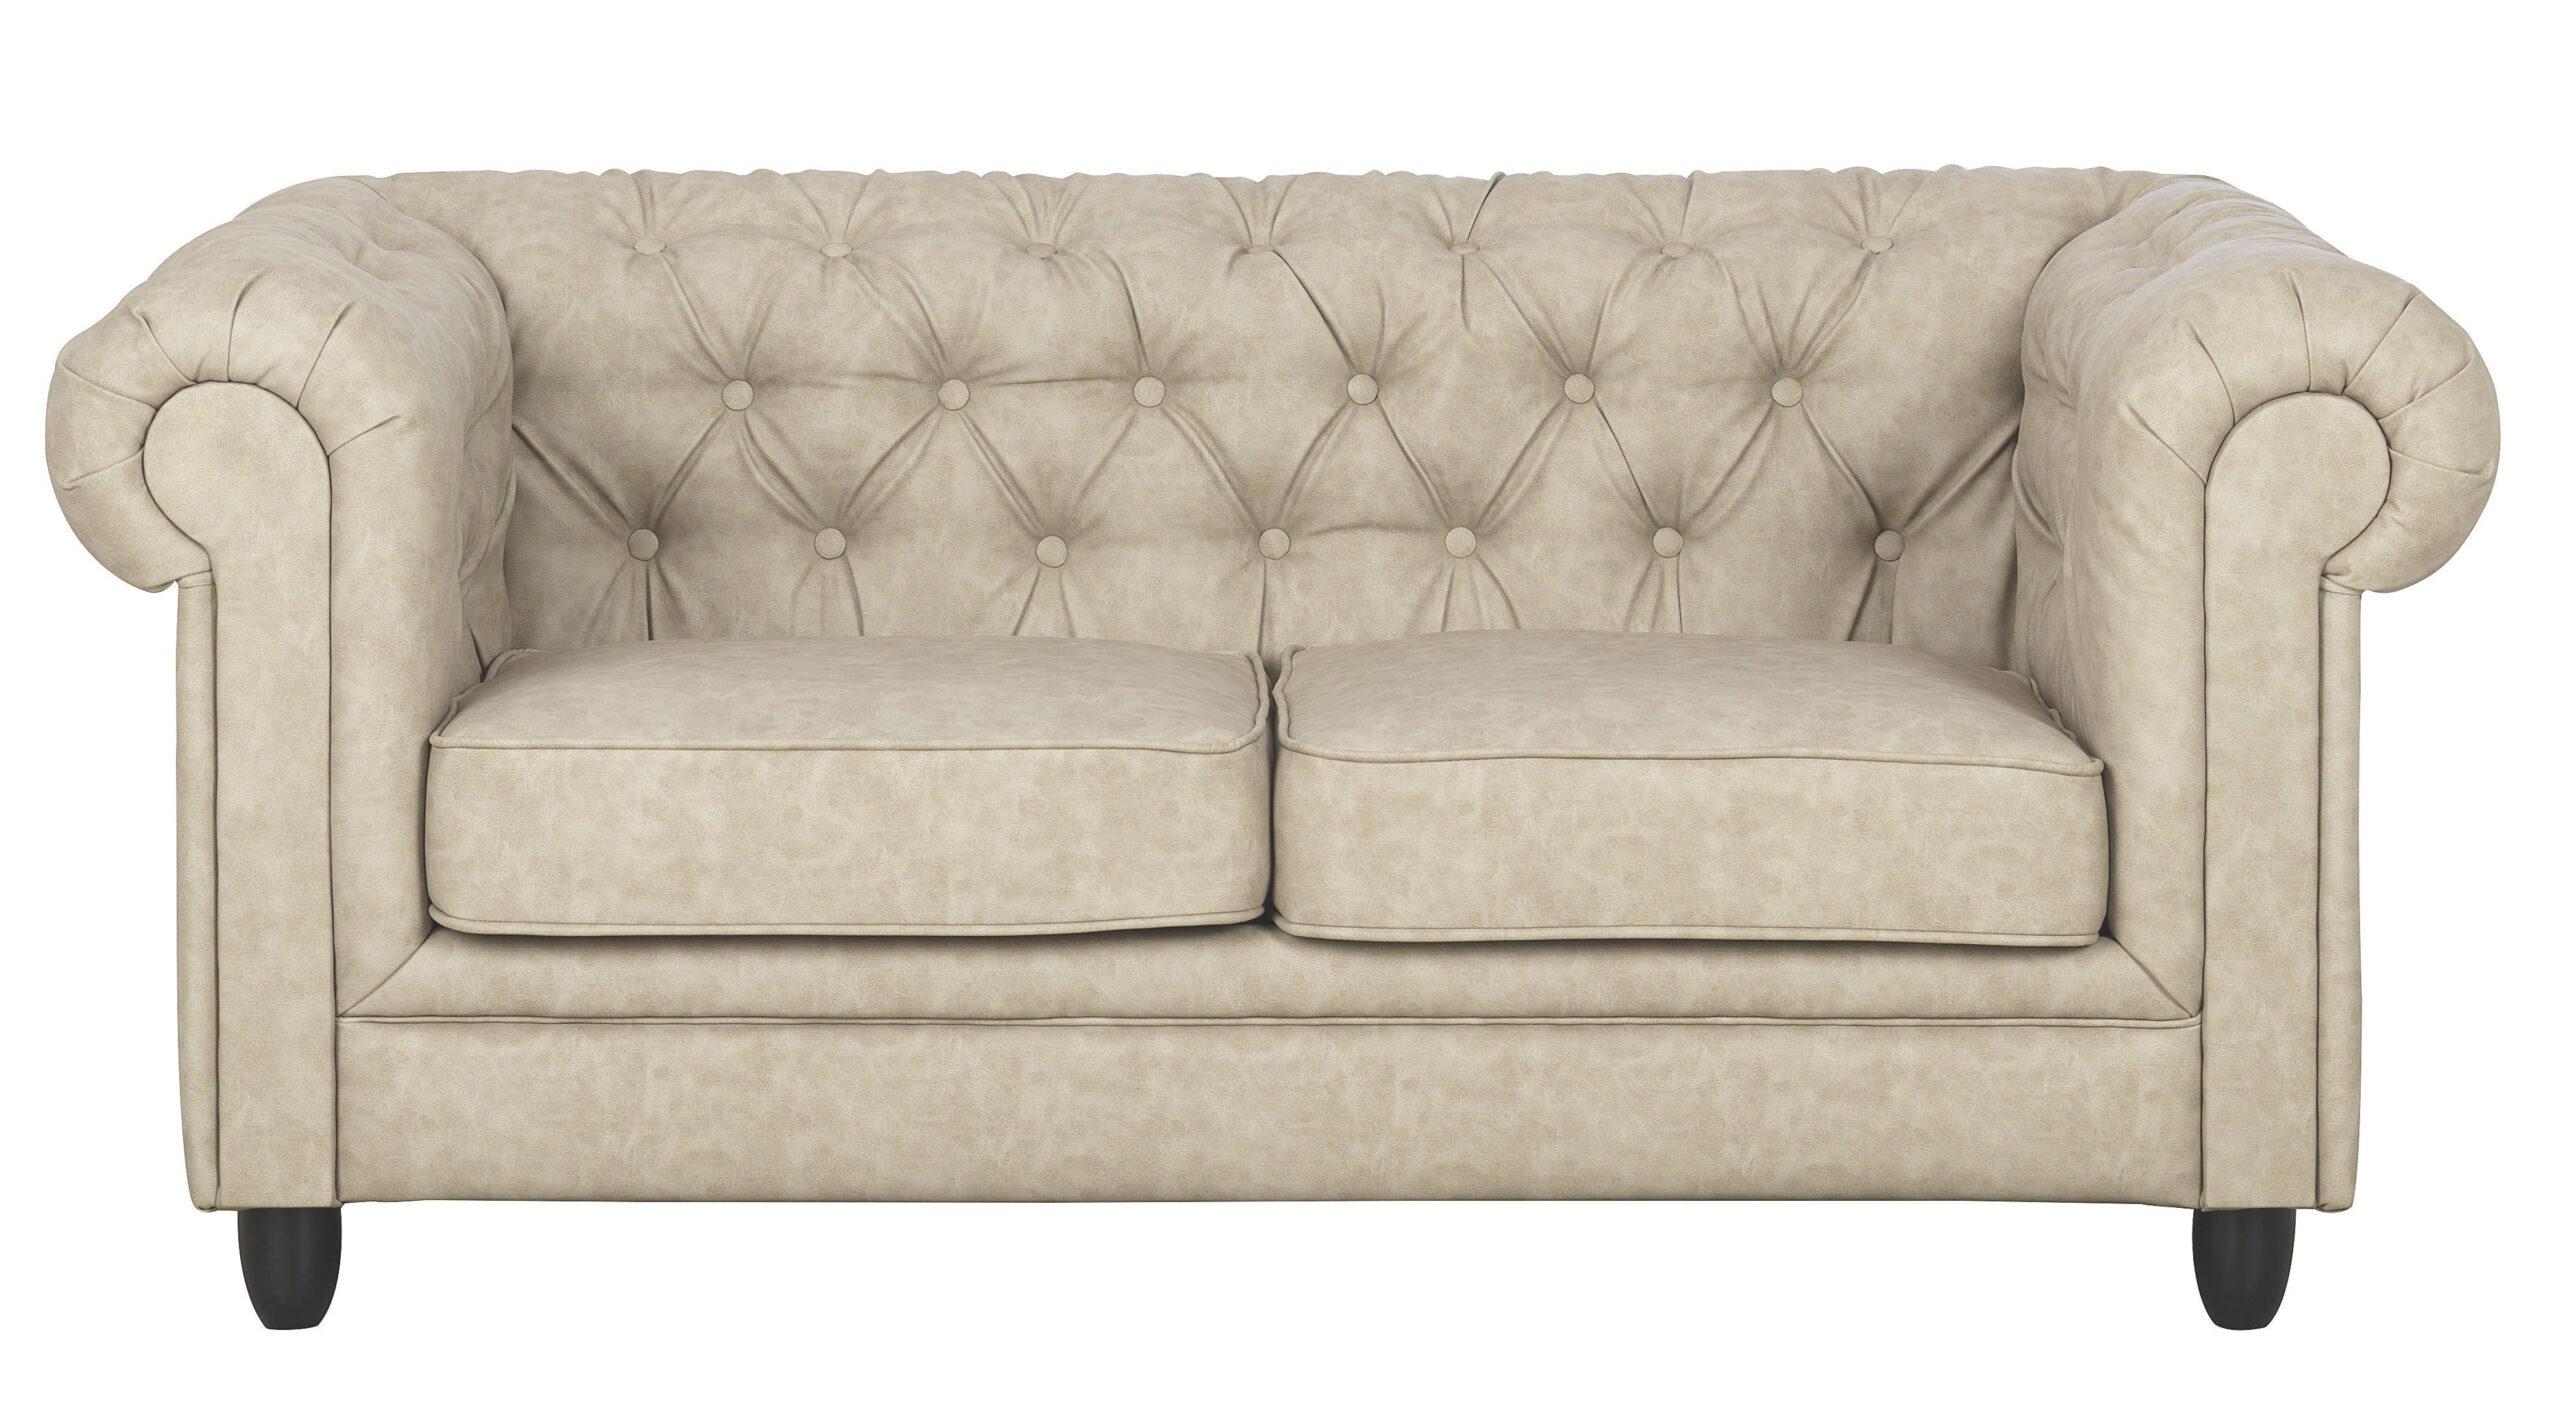 Full Size of Chesterfield Sofa Zweisitzer Lederlook Sandfarben Online Kaufen Gebraucht Mit Bettkasten Riess Ambiente Spannbezug Polyrattan Grau Stoff Großes Günstige Sofa Sofa Zweisitzer